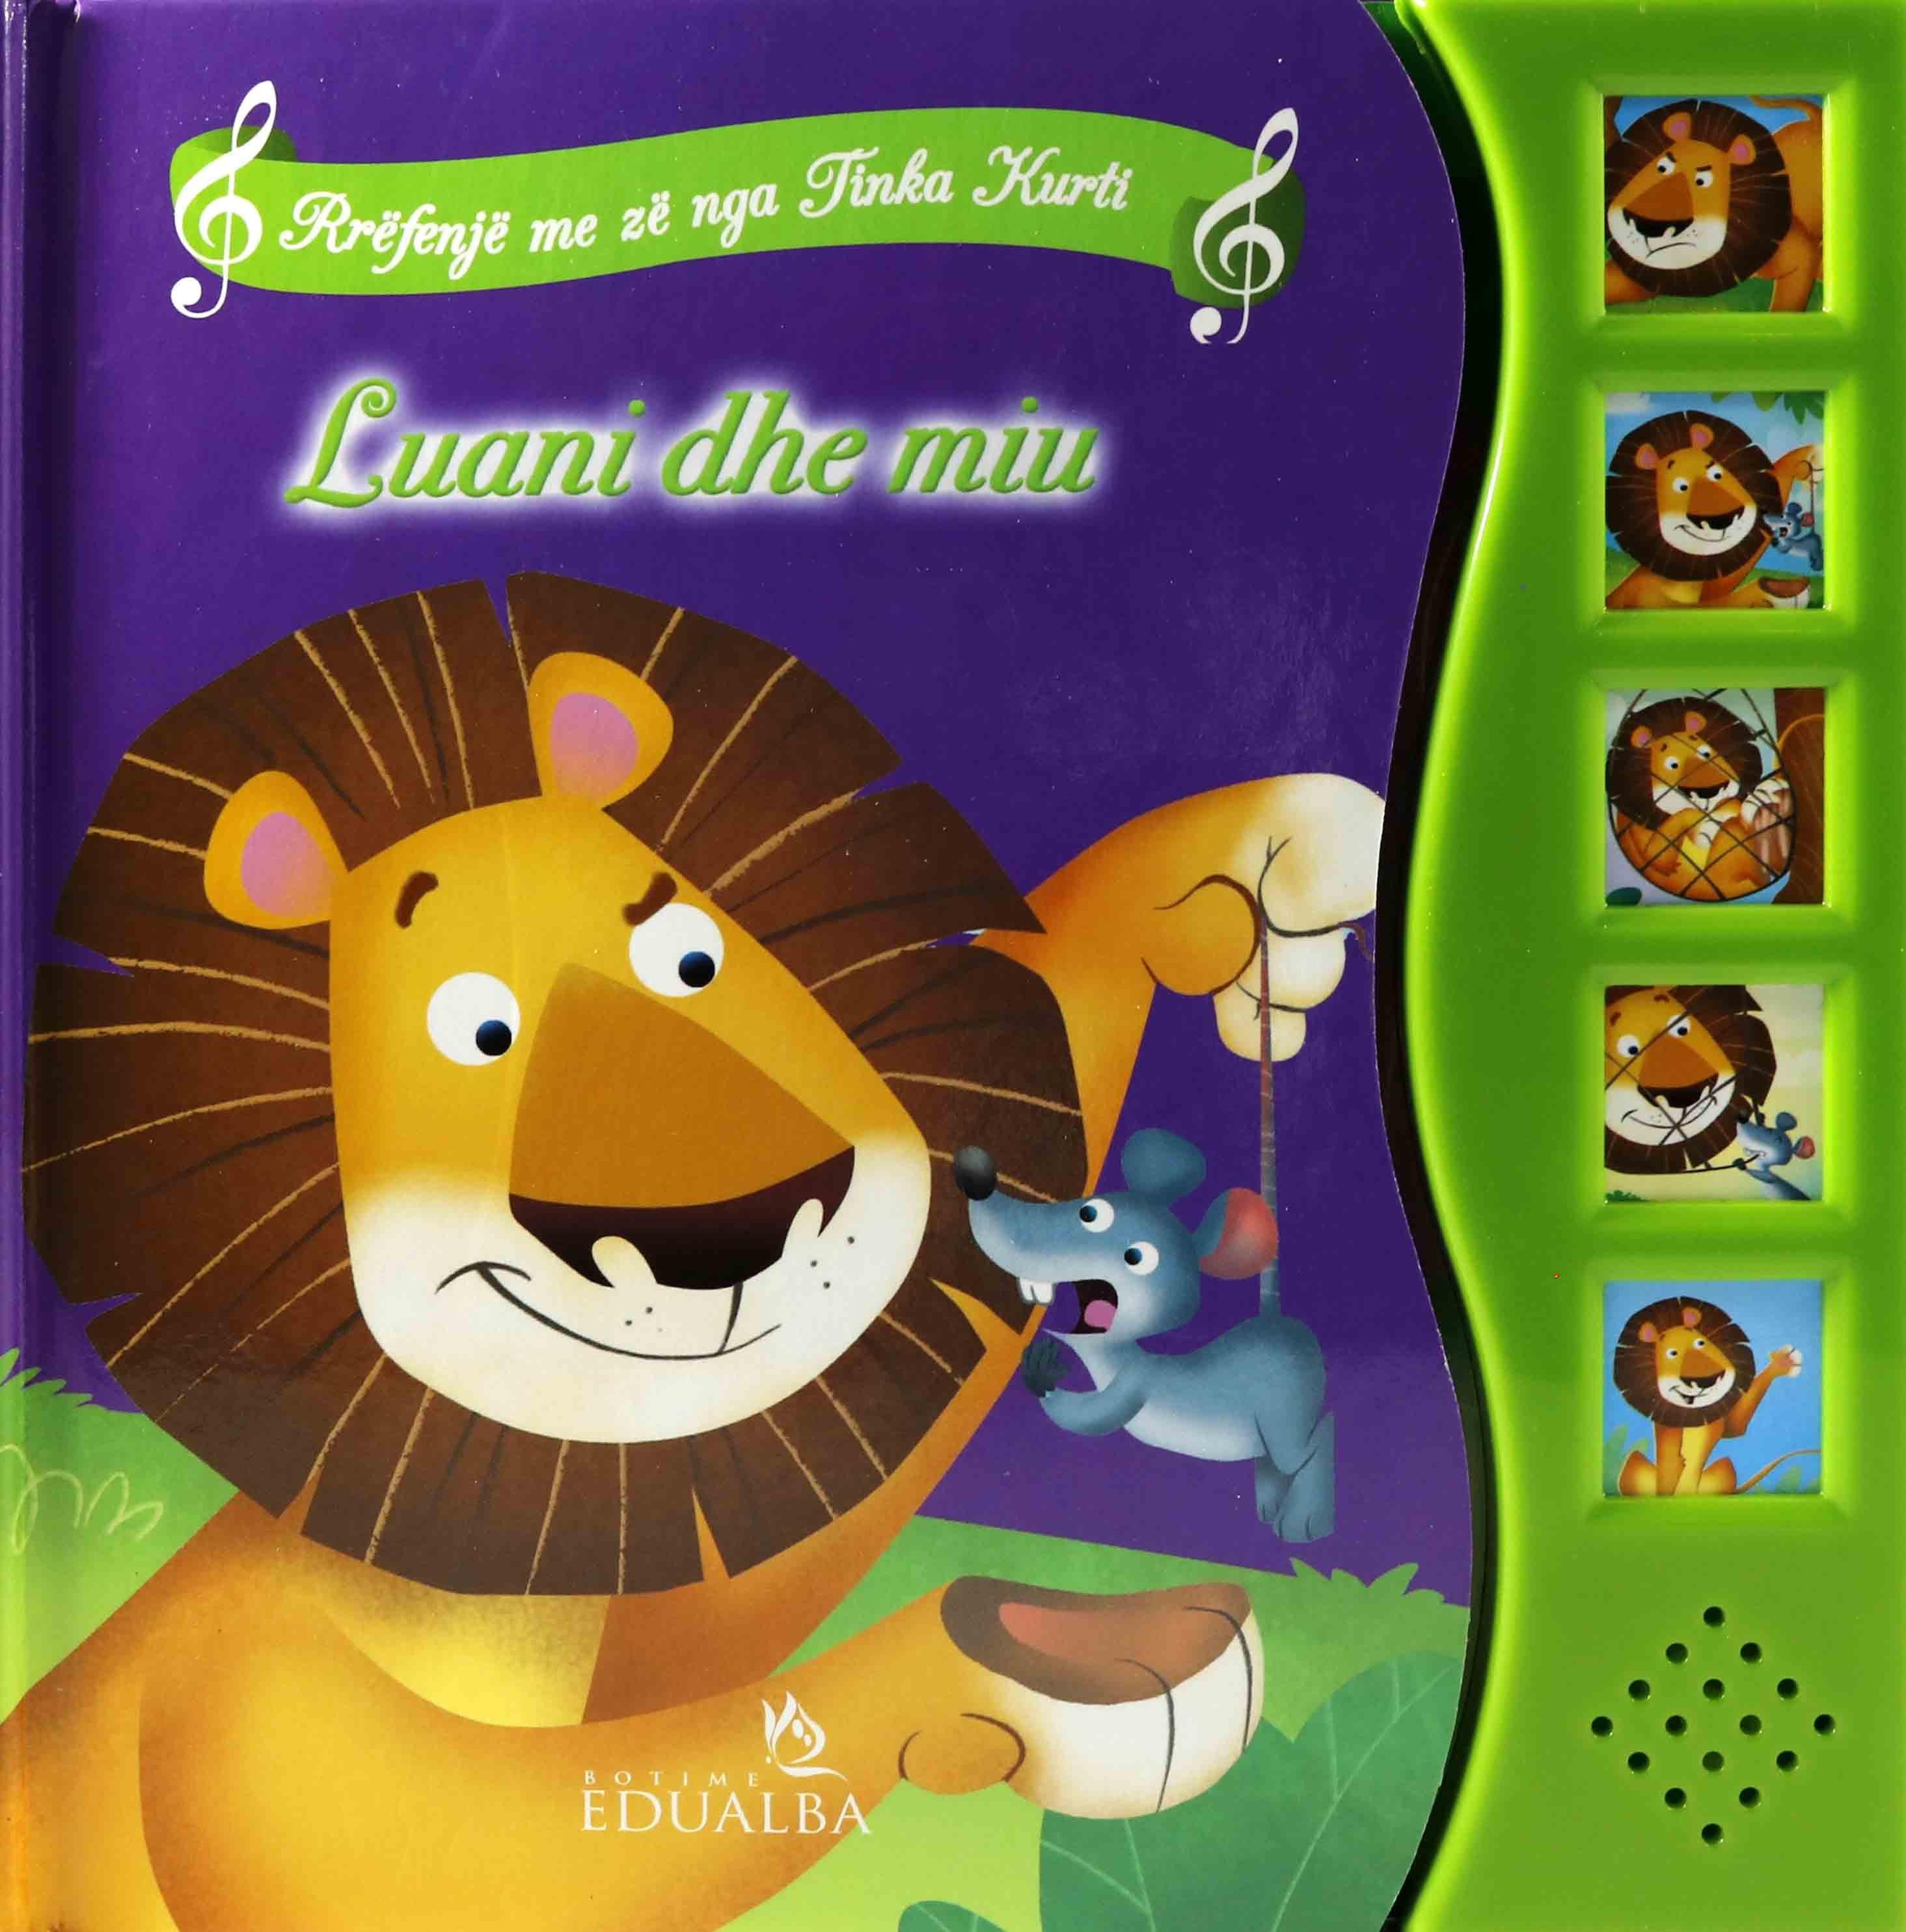 Luani dhe miu